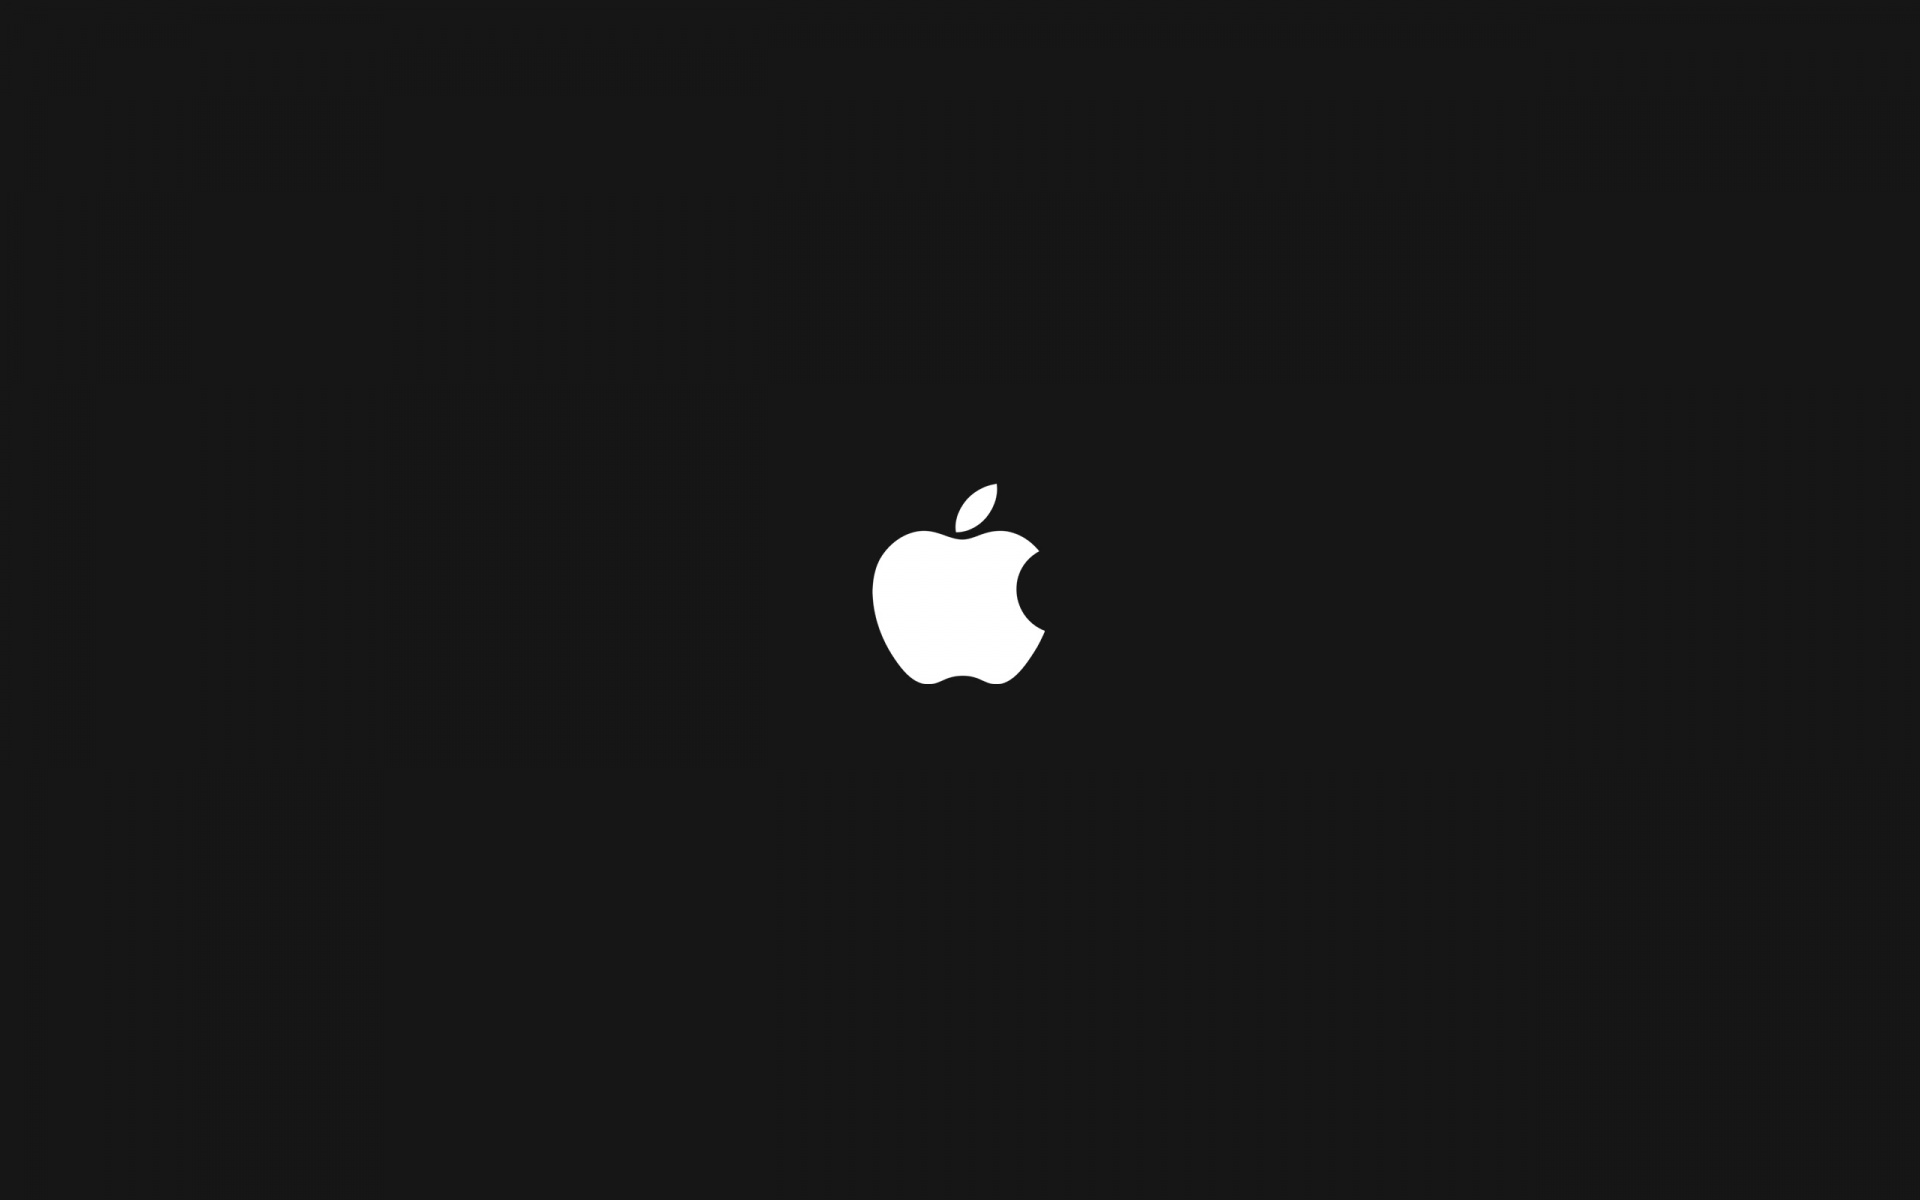 1920x1200 White Apple desktop PC and Mac wallpaper 1920x1200